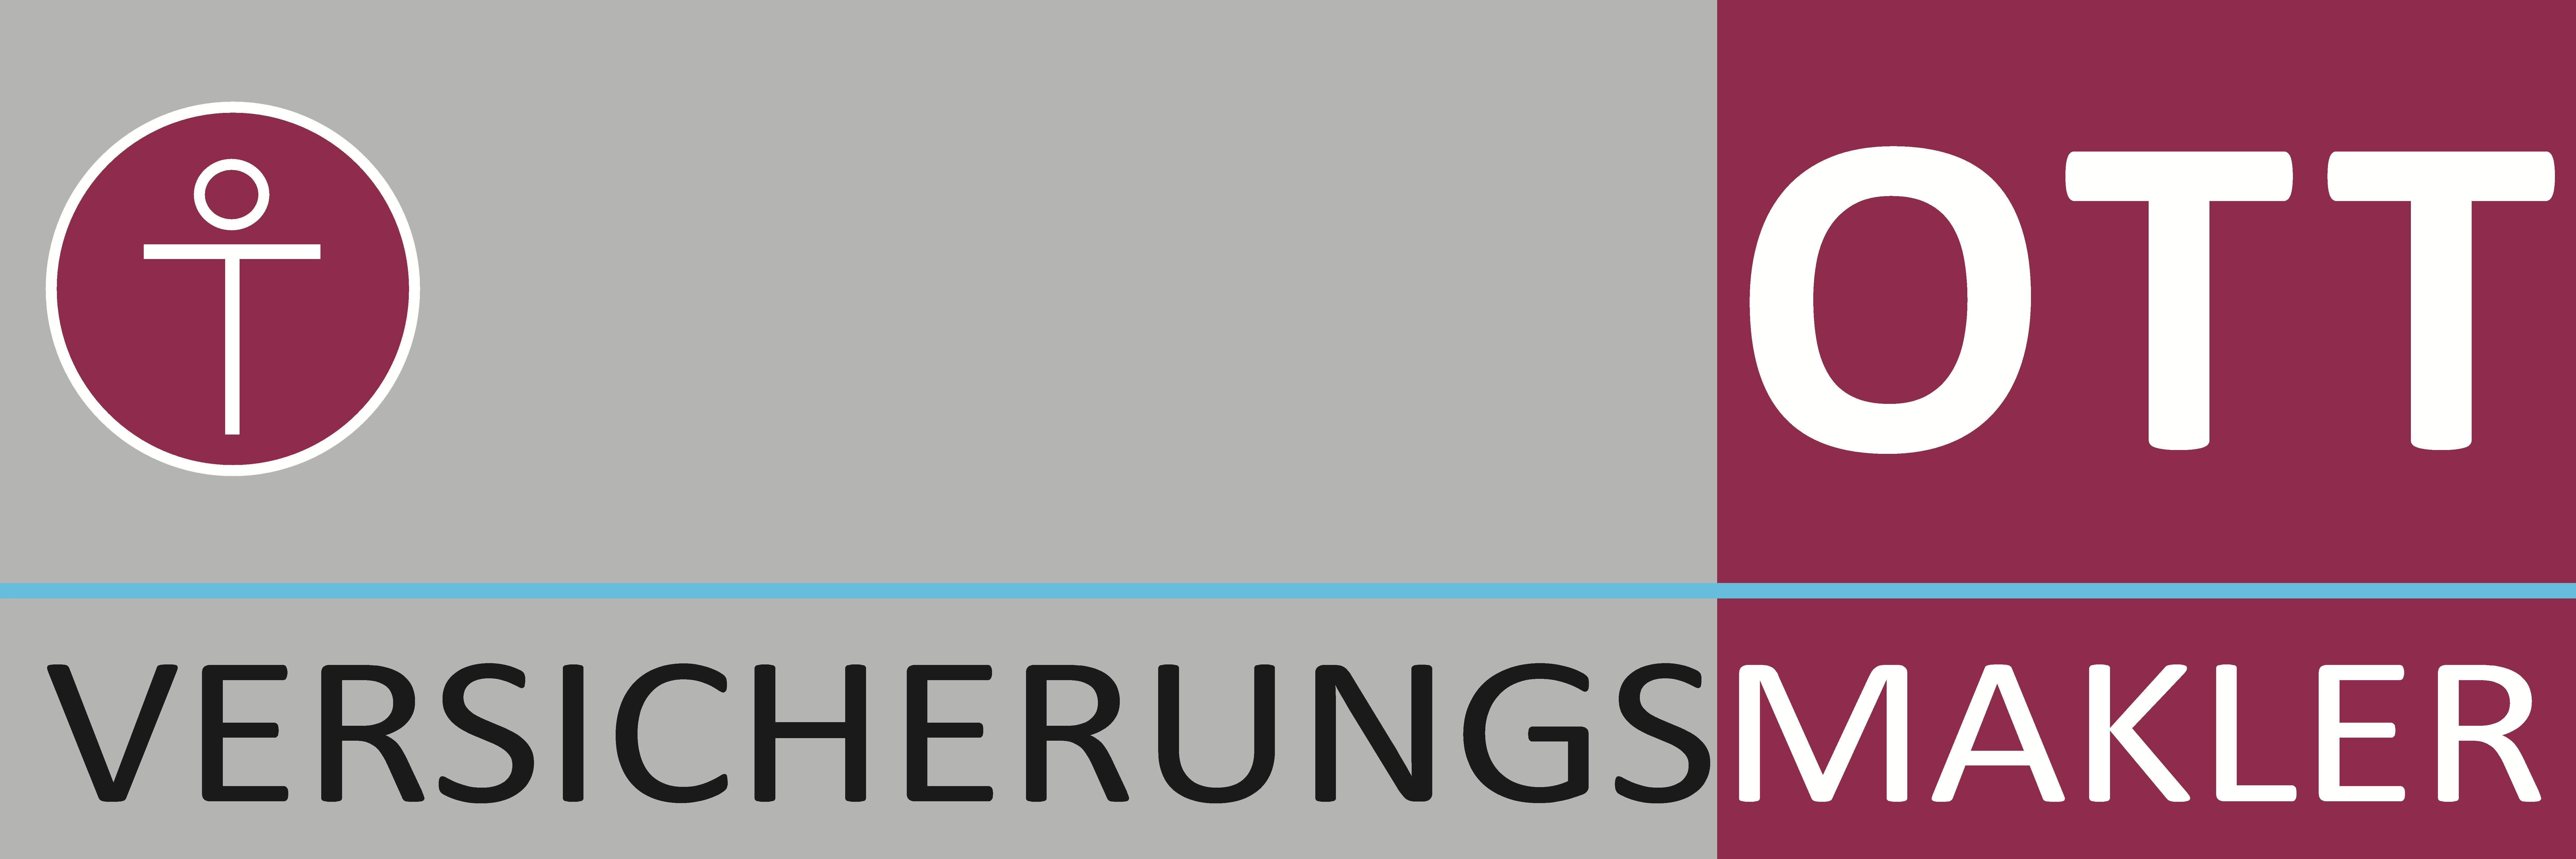 Versicherungsmaklerbüro Ott OG in St. Martin im Innkreis | Ihr Versicherungsmakler im Bezirk Ried im Innkreis in Oberösterreich. KFZ-Versicherung, Unfallversicherung, Haushaltsversicherung, Krankenversicherung, Berufsunfähigkeitsversicherung, Rechtsschutzversicherung, ...